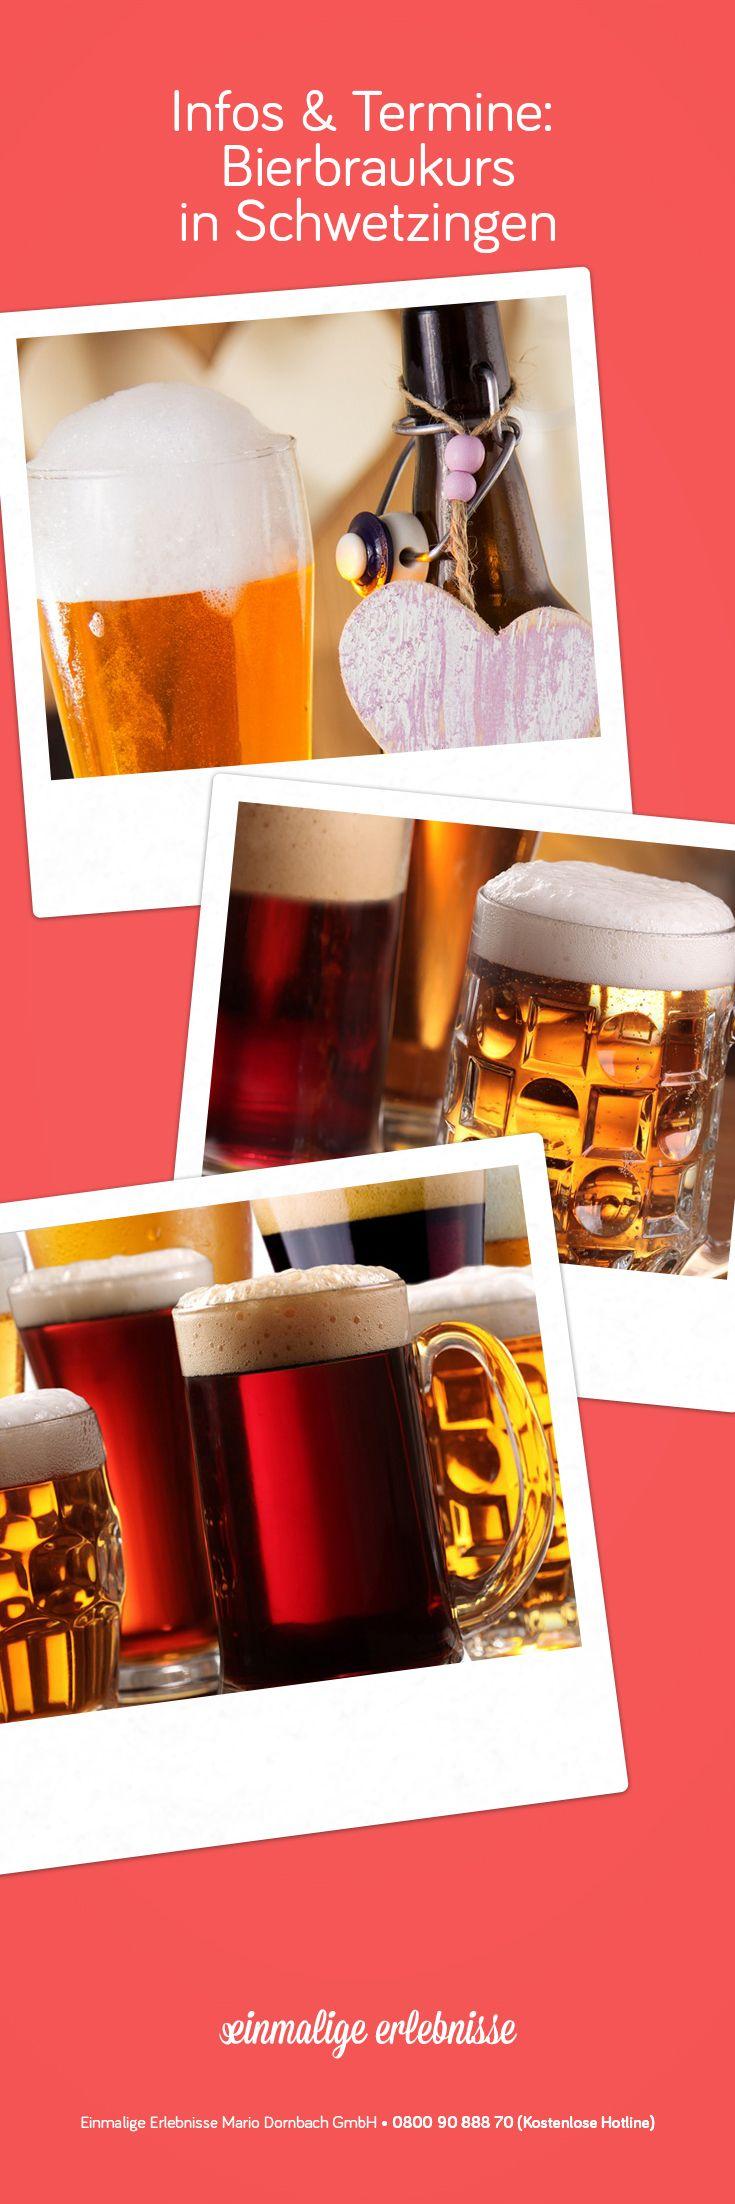 Bierbraukurs in Schwetzingen #Bier #Männer #brauen